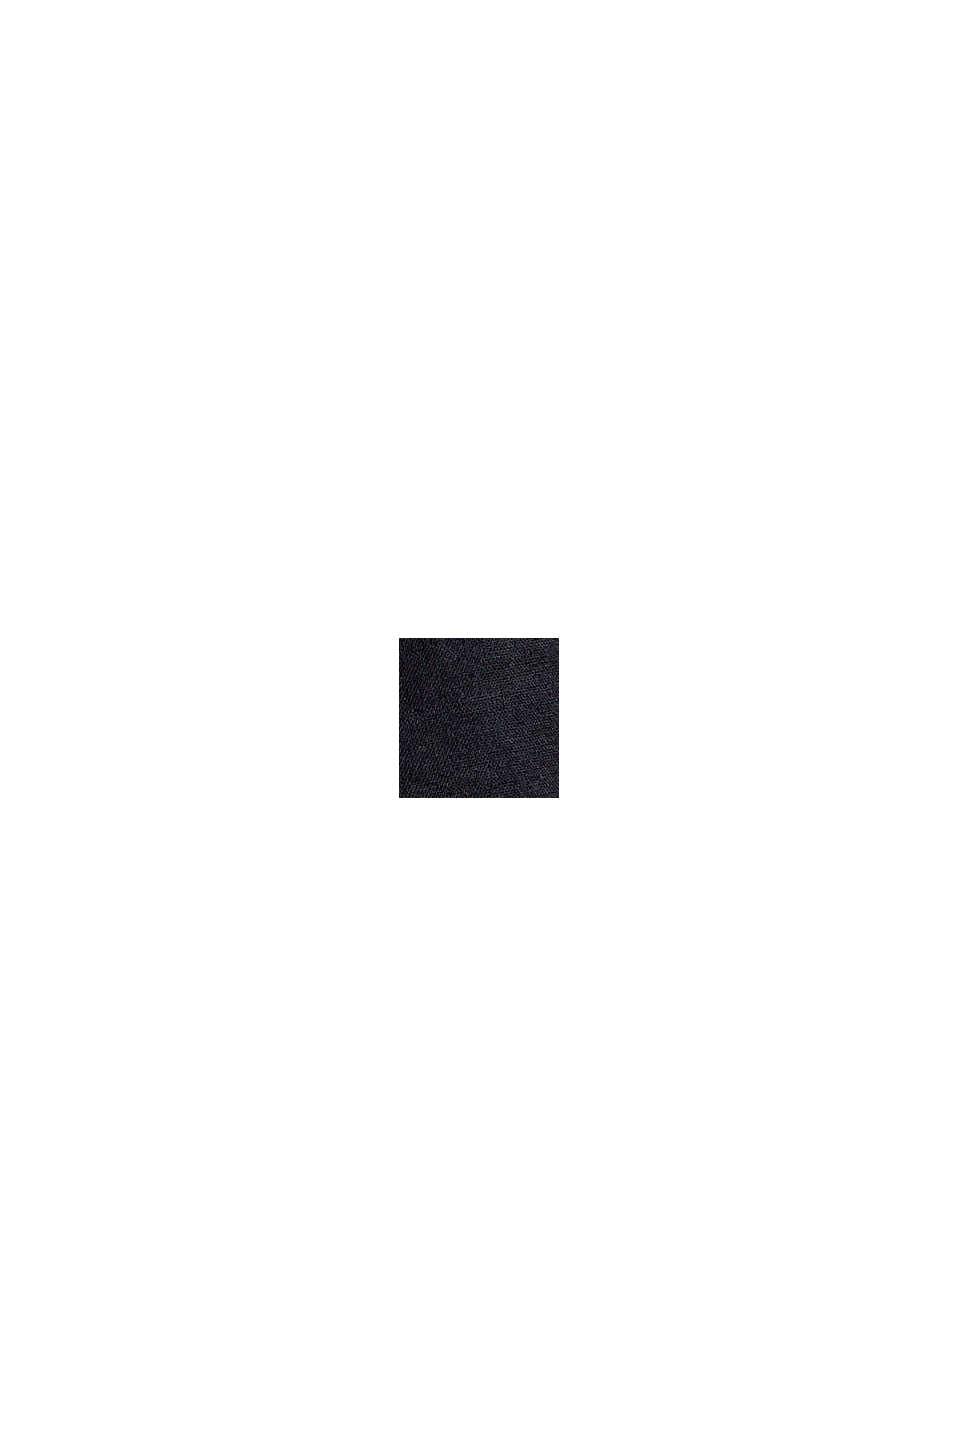 Smocksyet printbluse af økologisk bomuld, BLACK, swatch